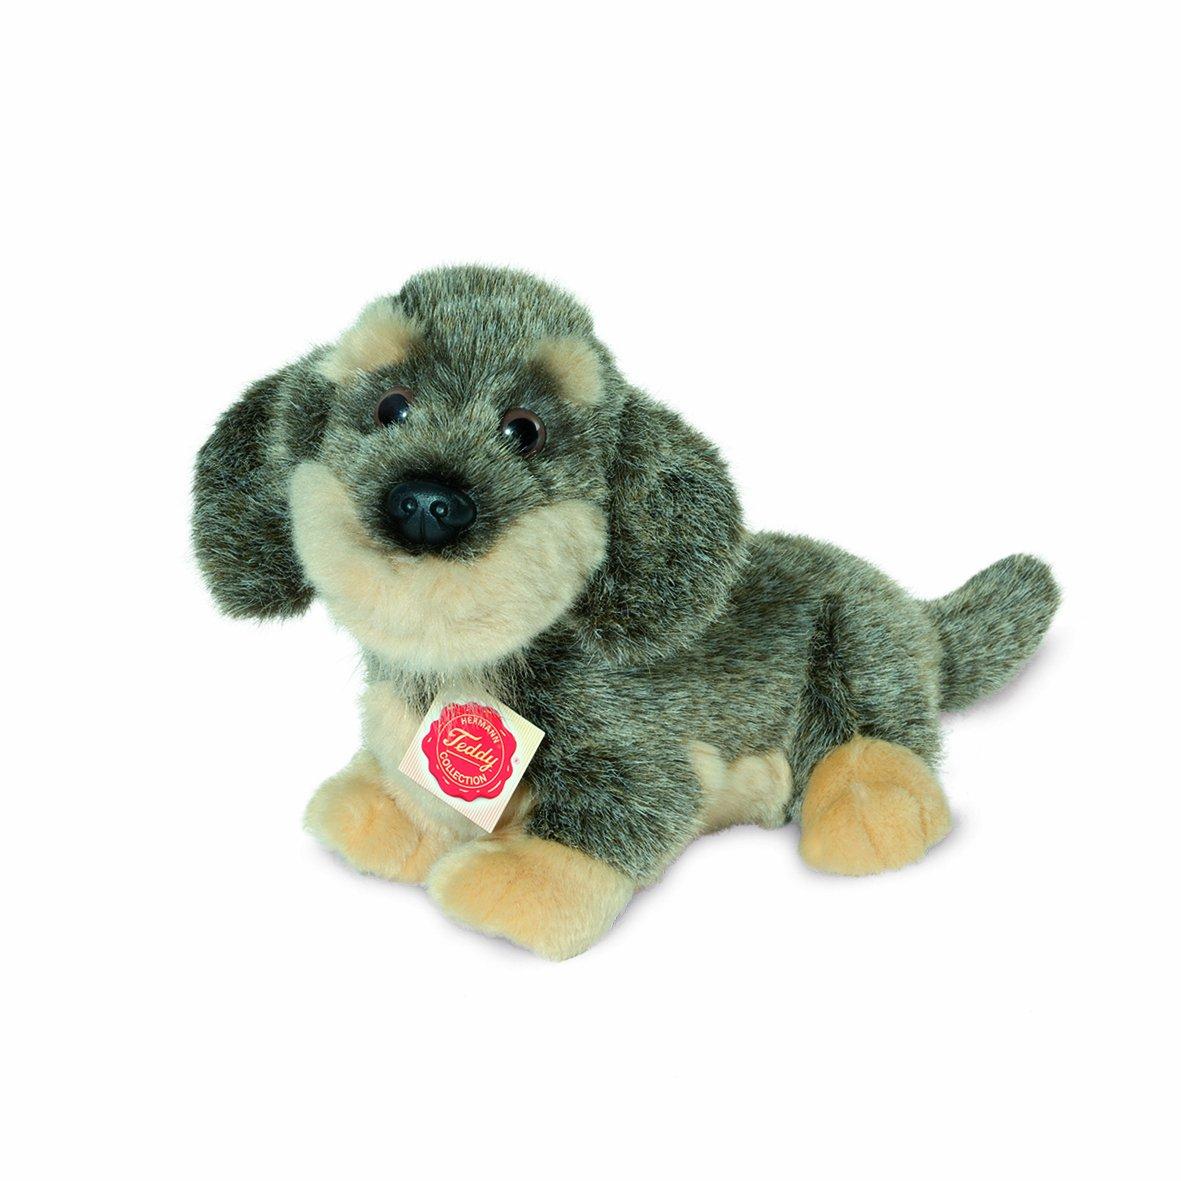 Plush Soft Toy Wire-haired Dachshund by Teddy Hermann. cm. Cute Li\'l ...